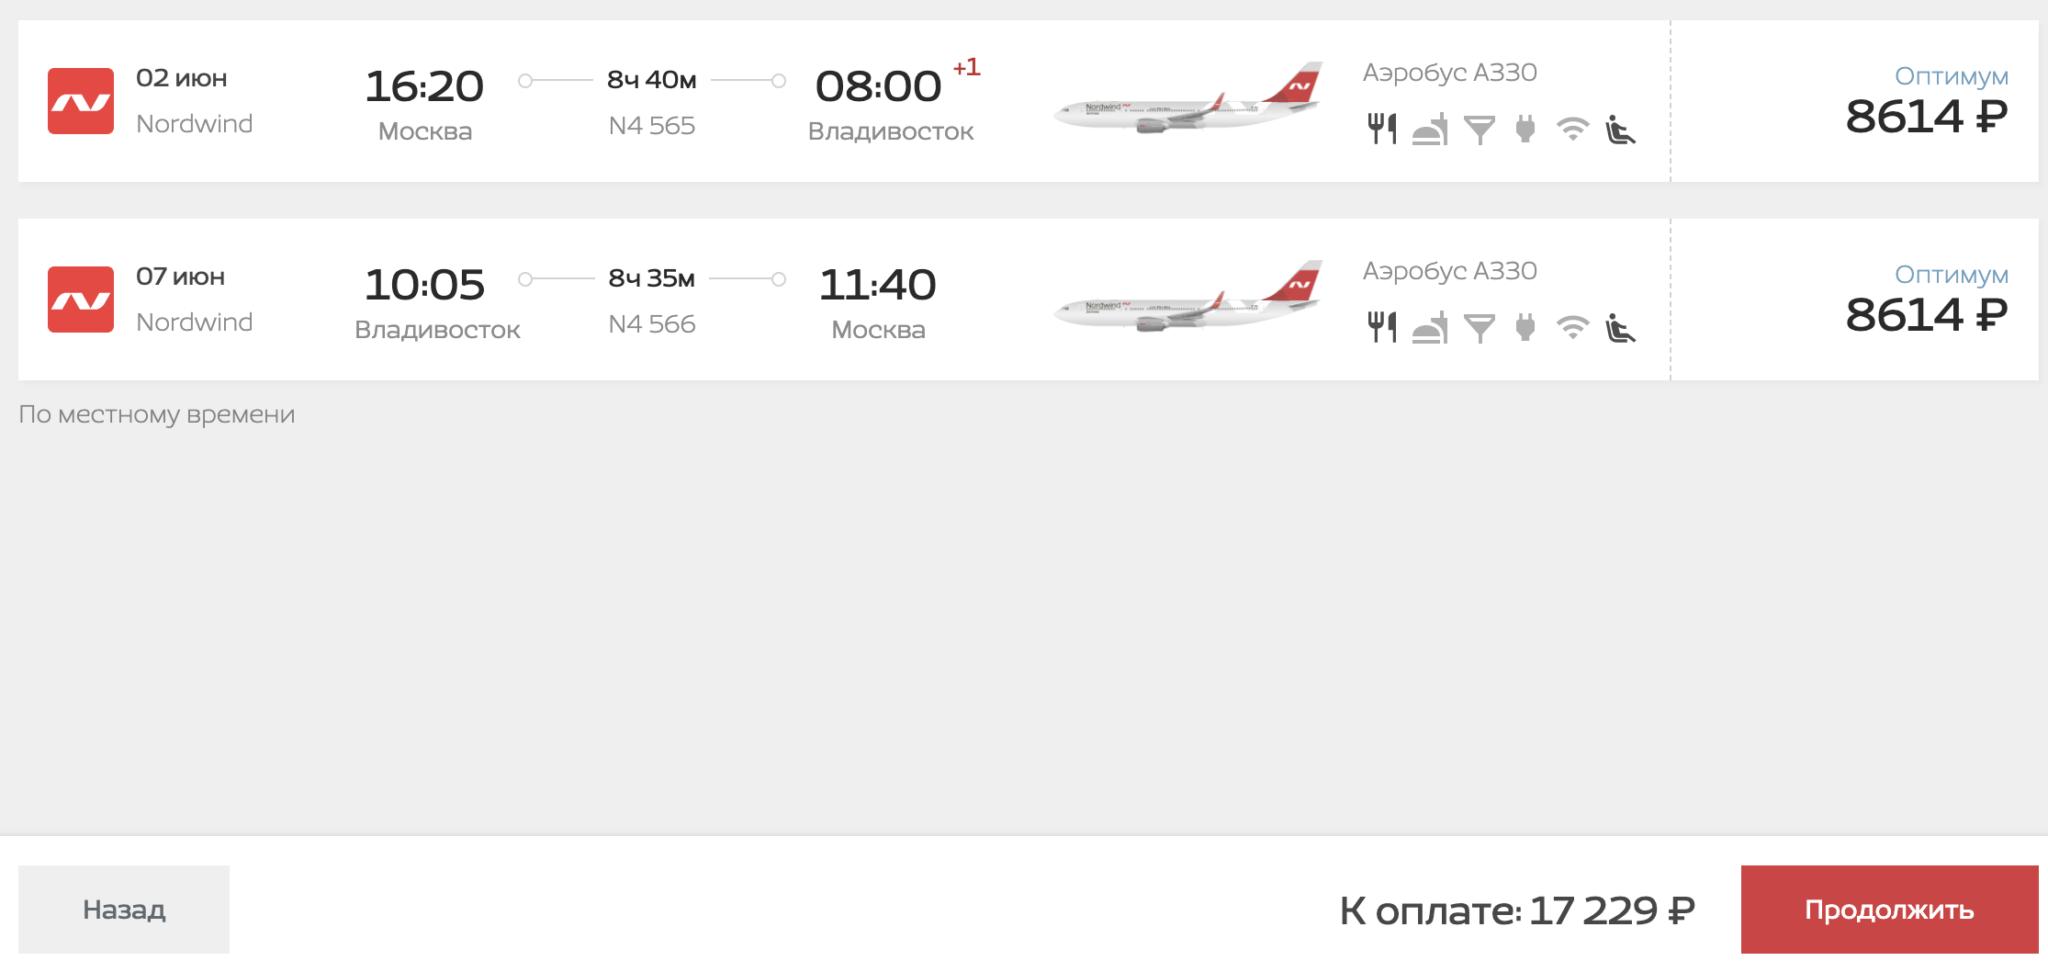 Подешевело! Прямые рейсы Nordwind из МСК в Хабаровск и Владивосток от 15300₽ туда-обратно